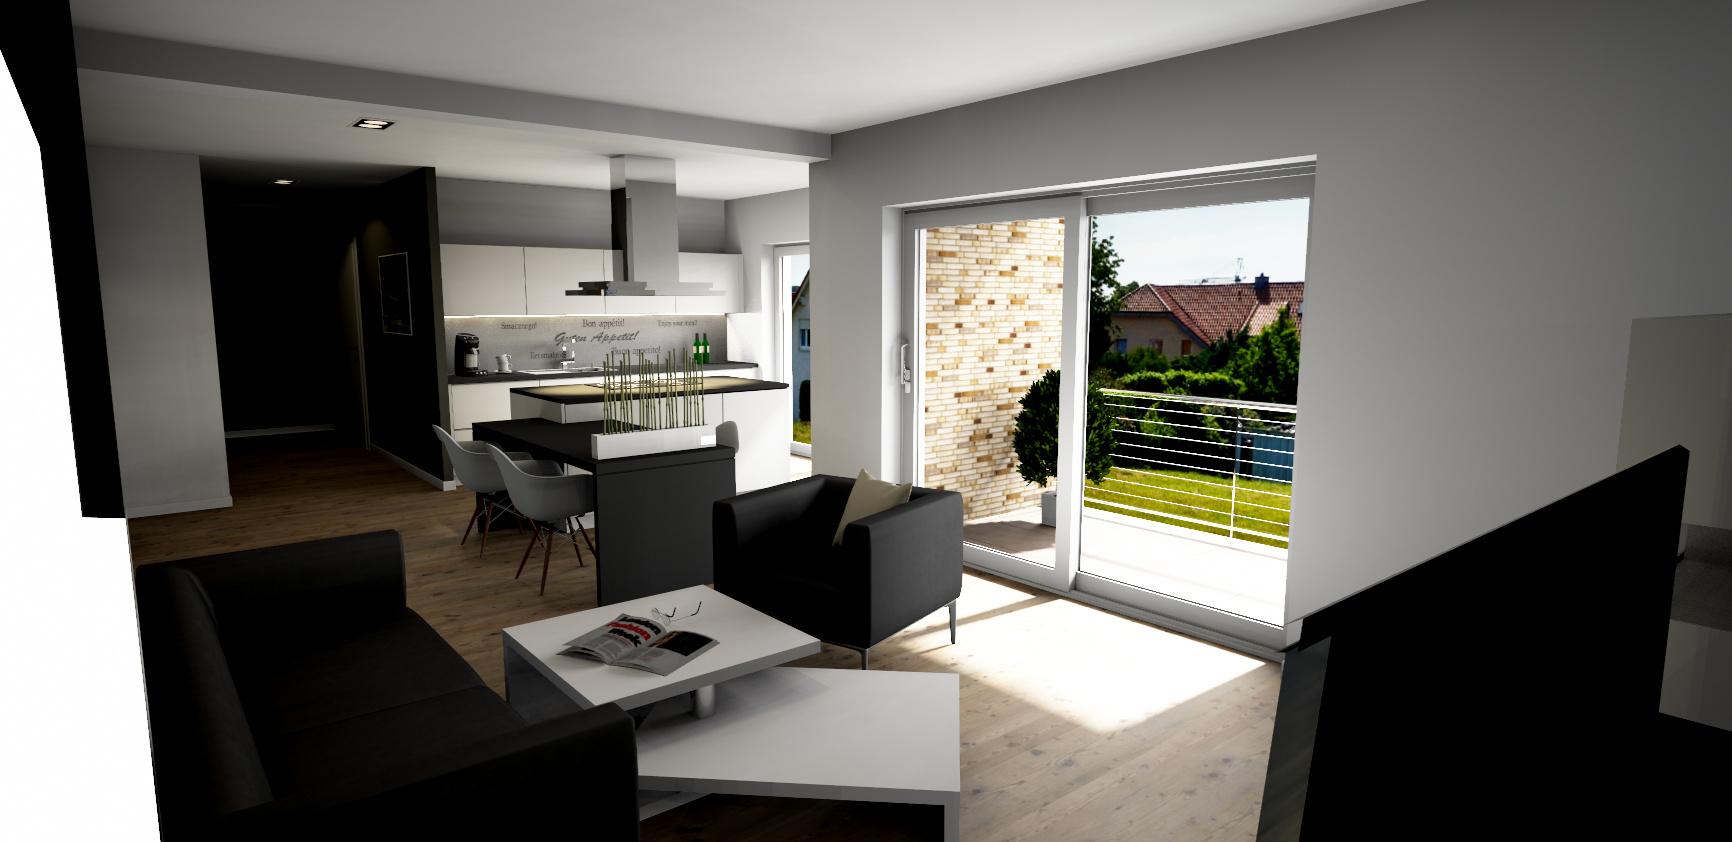 Individuell angefertigte Wohnzimmer- und Esszimmermöbel